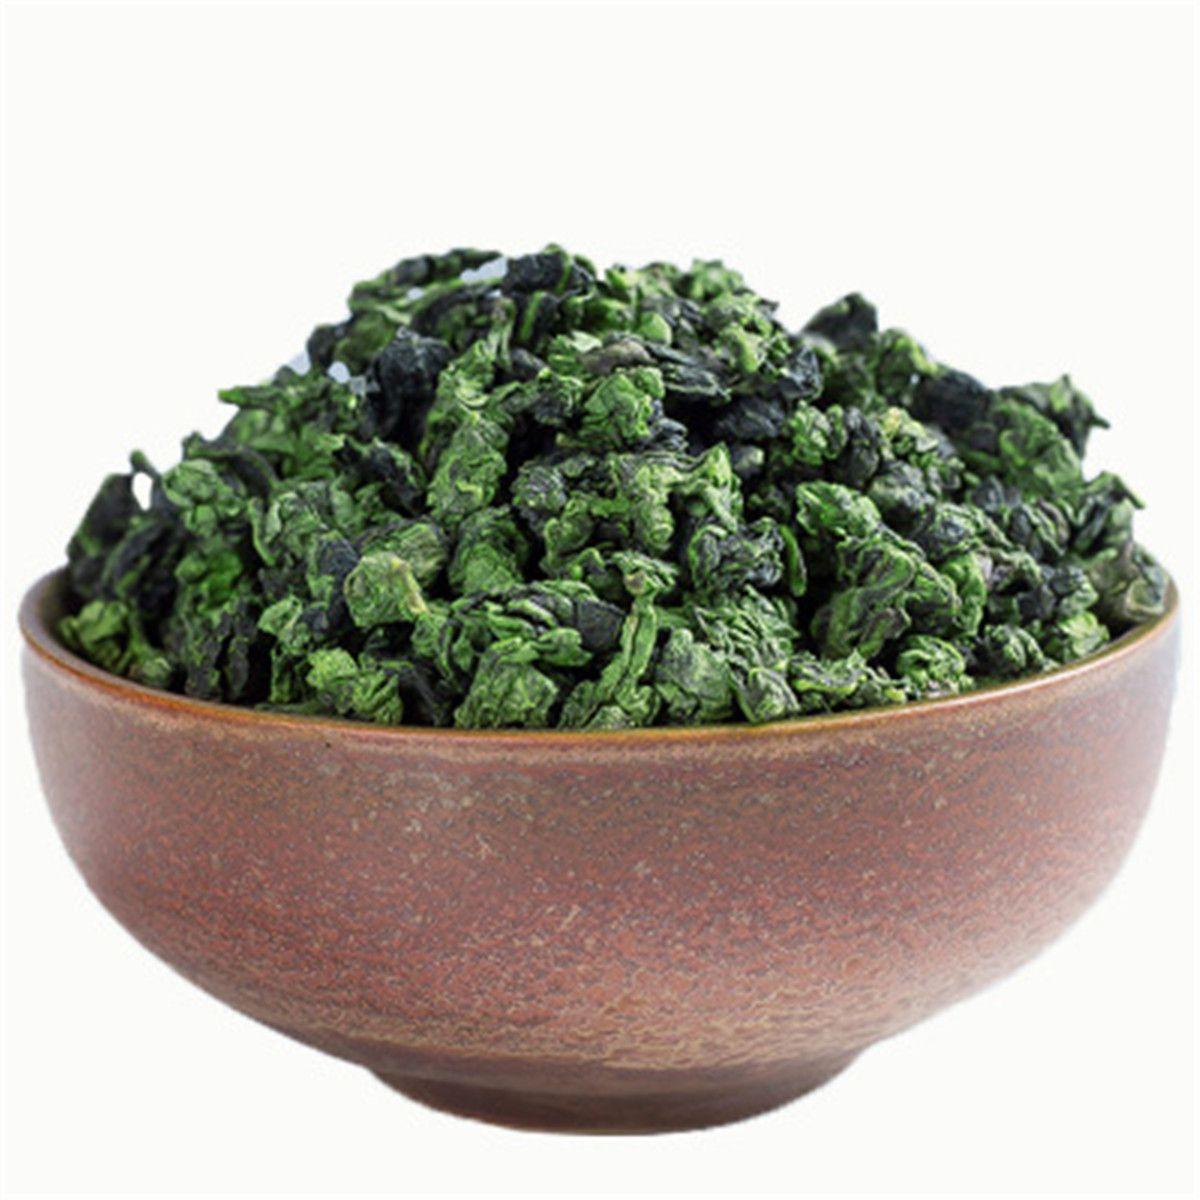 Tercih Çin Organik Oolong Çay Doğal Premium Fujian Anxi Tieguanyin Oolong Yeşil Çay Sağlık Yeni Bahar Çay Yeşil Gıda